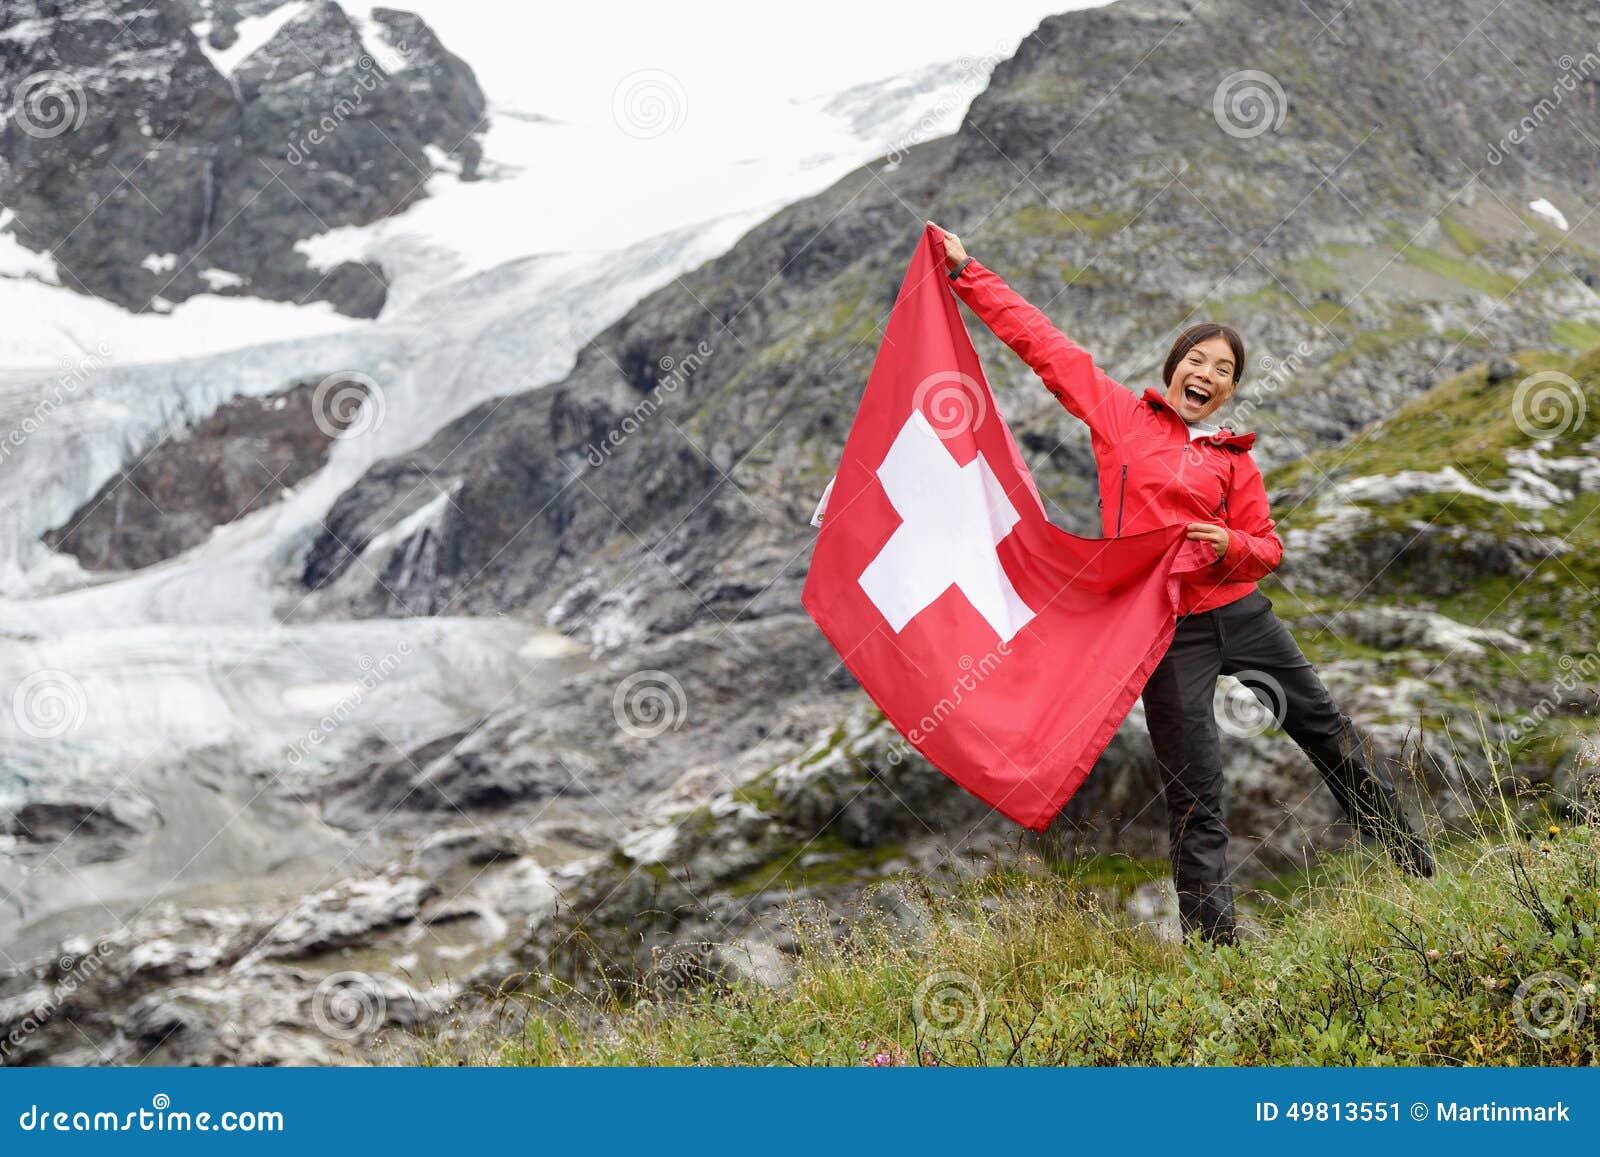 Rencontrer des asiatiques en suisse